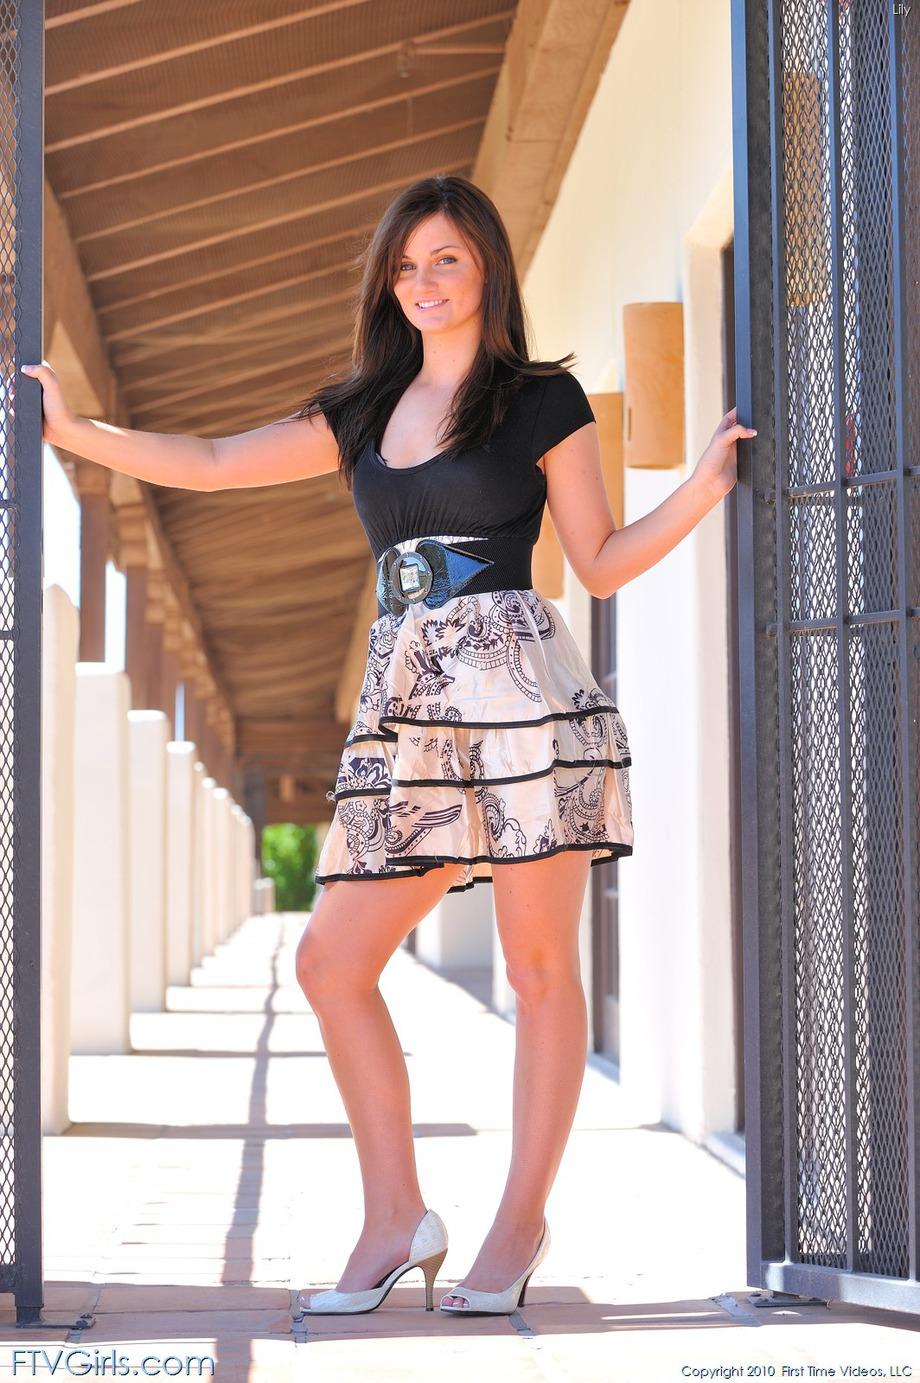 http://content9.novoglam.com/ftvgirls.com/6701/14.jpg